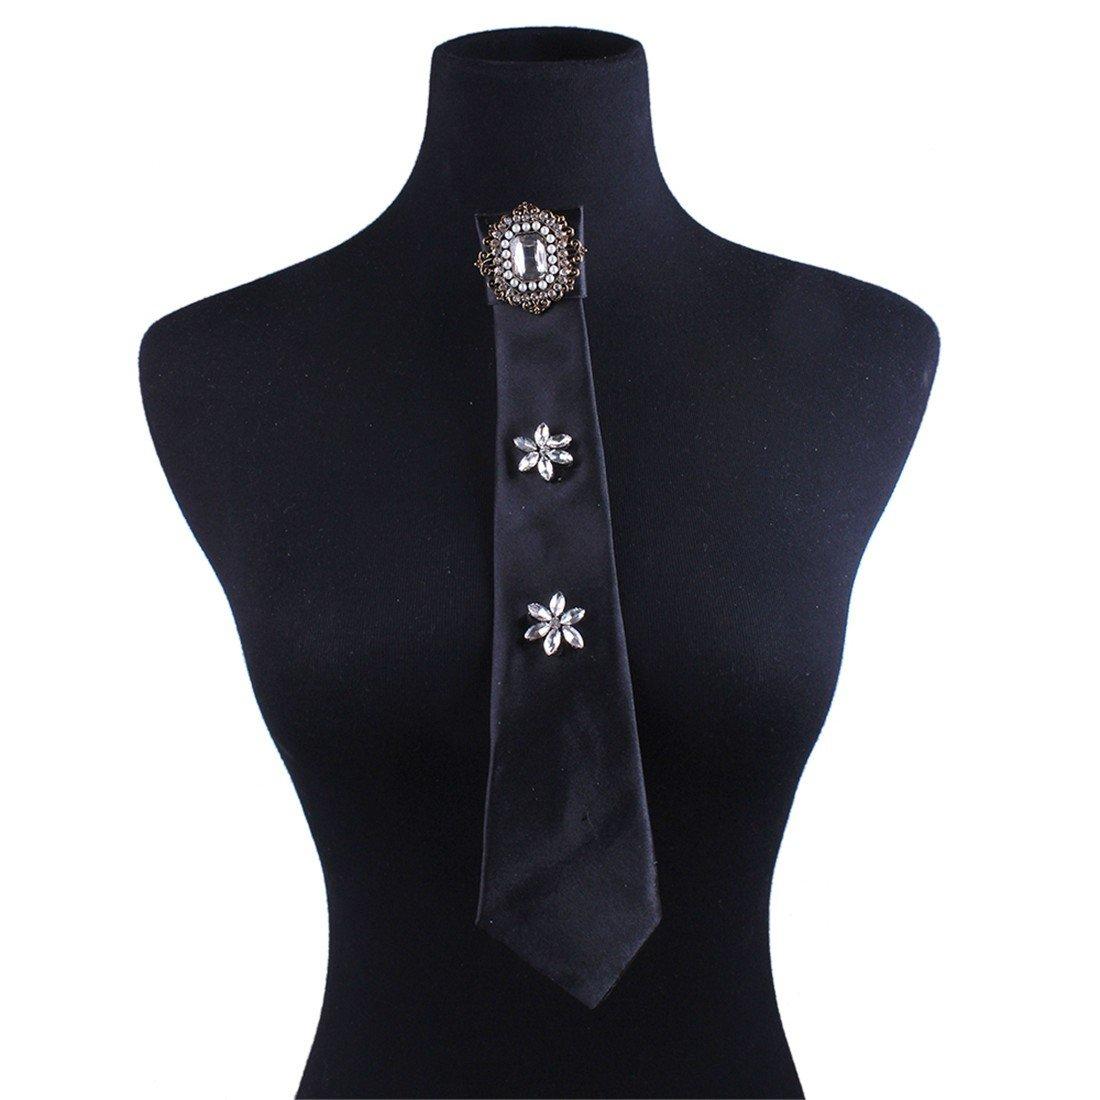 Paixpays Women Tie Ladies Fashion Solid Color Small Tie School Style Silk Necktie